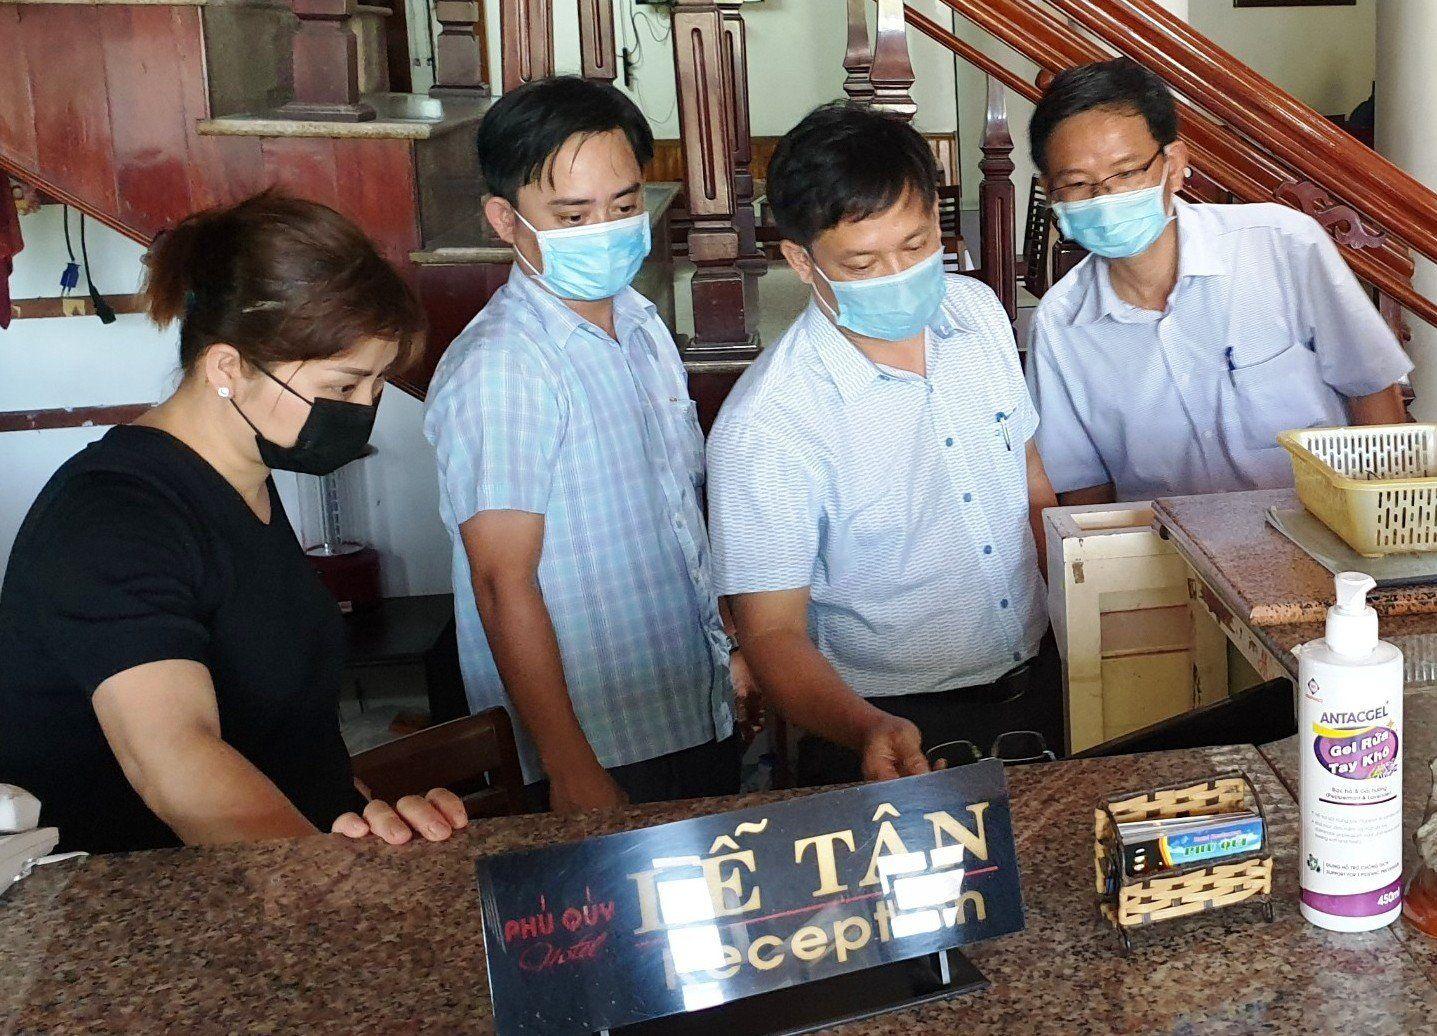 Kiểm tra việc khai báo y tế tại khách sạn Phú Quý ở thị trấn Lăng Cô, huyện Phú Lộc.